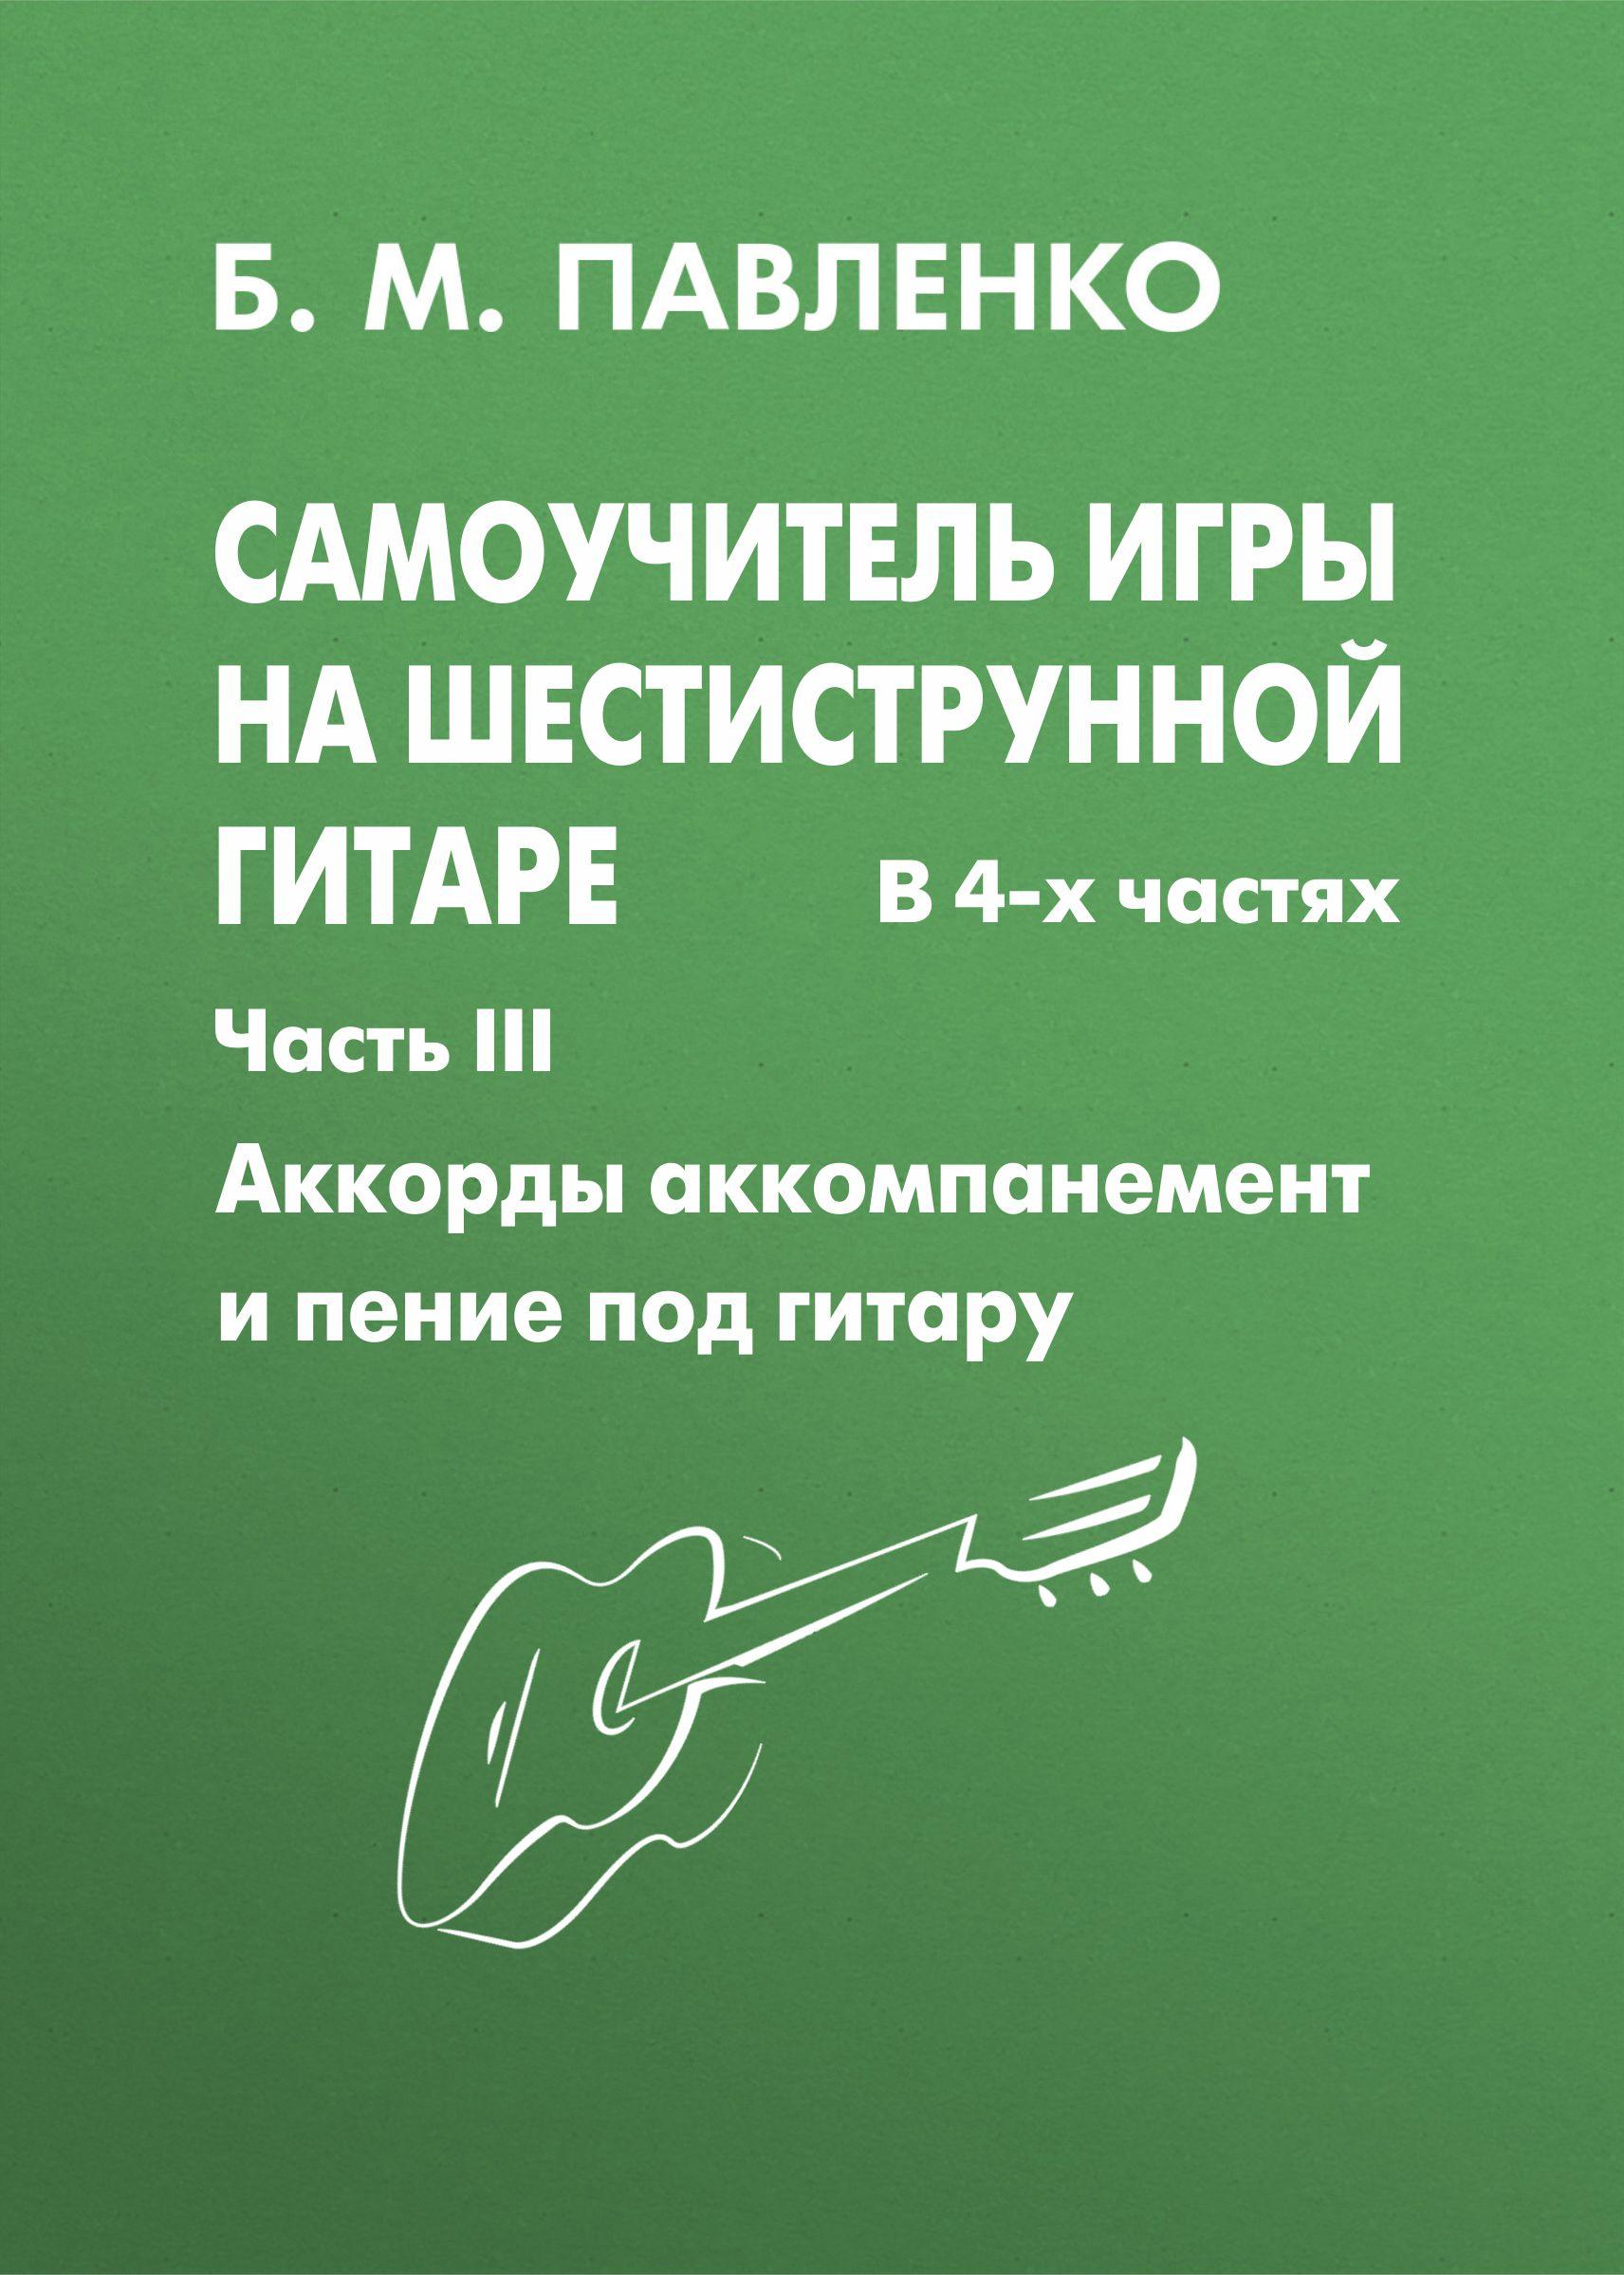 Б. М. Павленко Самоучитель игры на шестиструнной гитаре. Аккорды, аккомпанемент и пение под гитару. III часть б м павленко самоучитель игры на шестиструнной гитаре аккорды аккомпанемент и пение под гитару